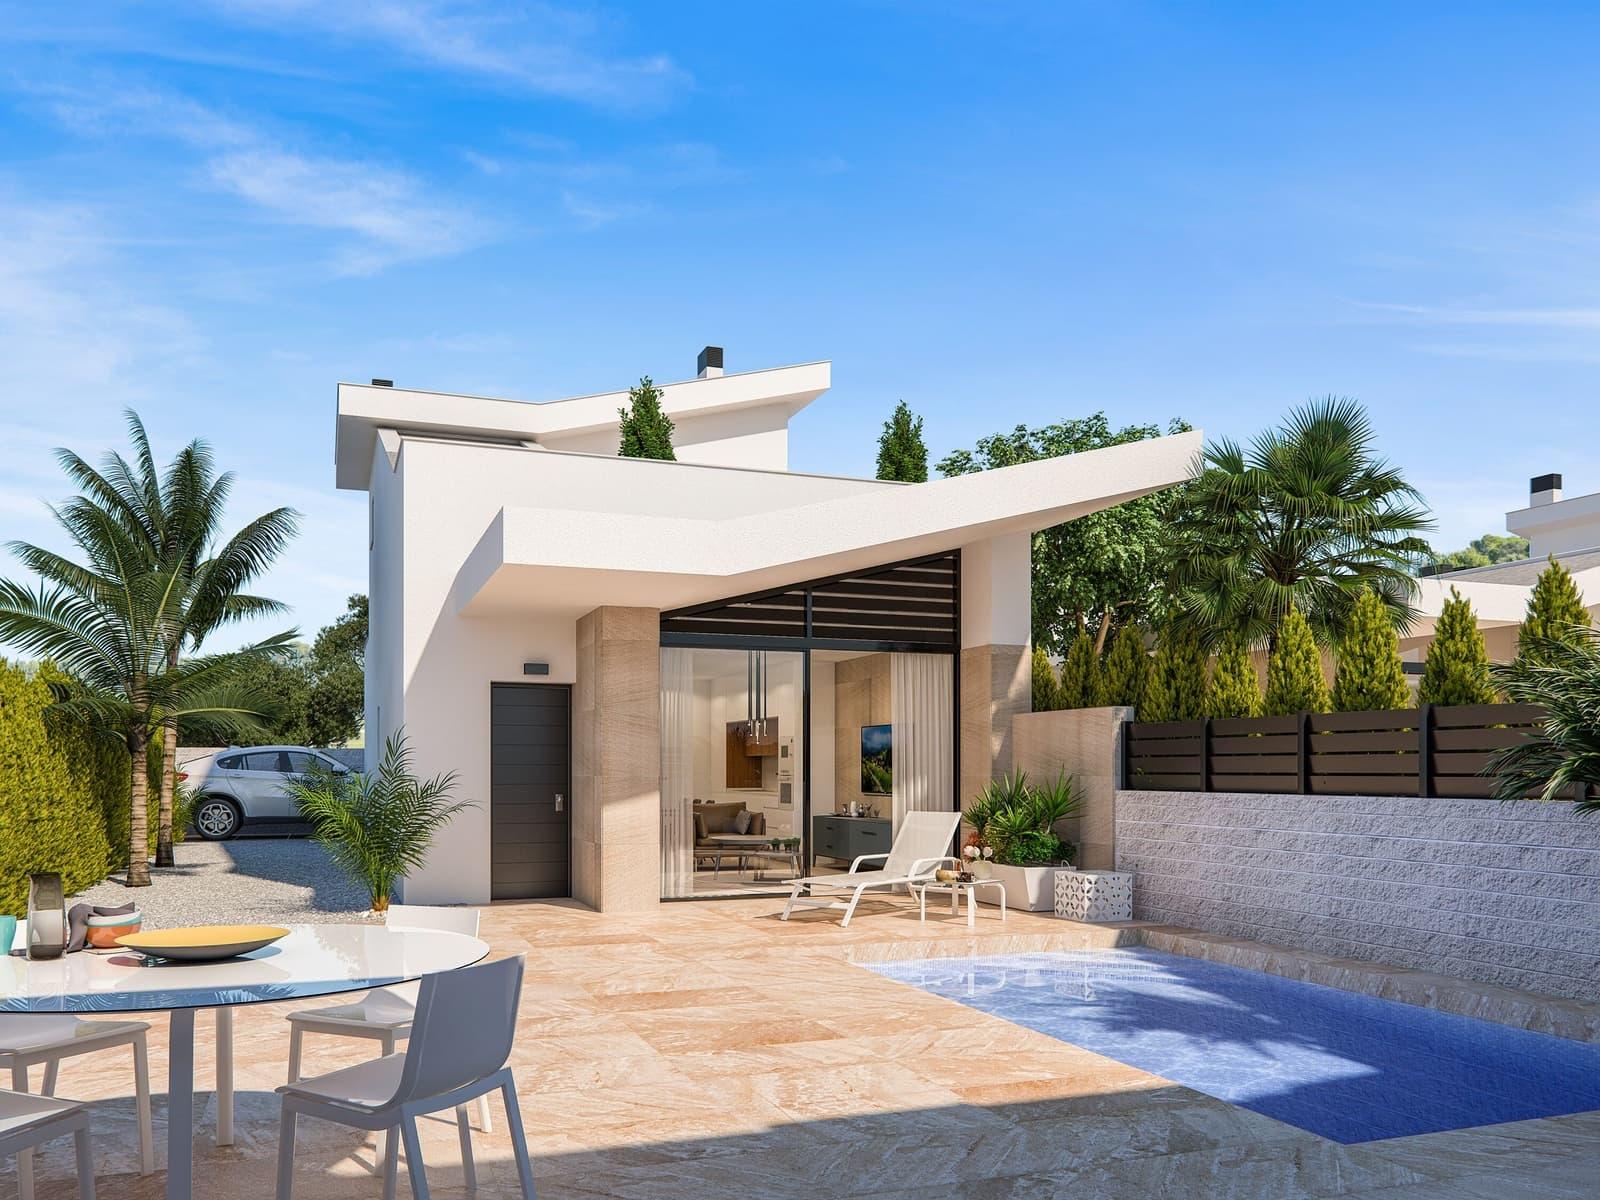 Chalet de 3 habitaciones en Benijófar en venta con piscina - 274.900 € (Ref: 5085691)